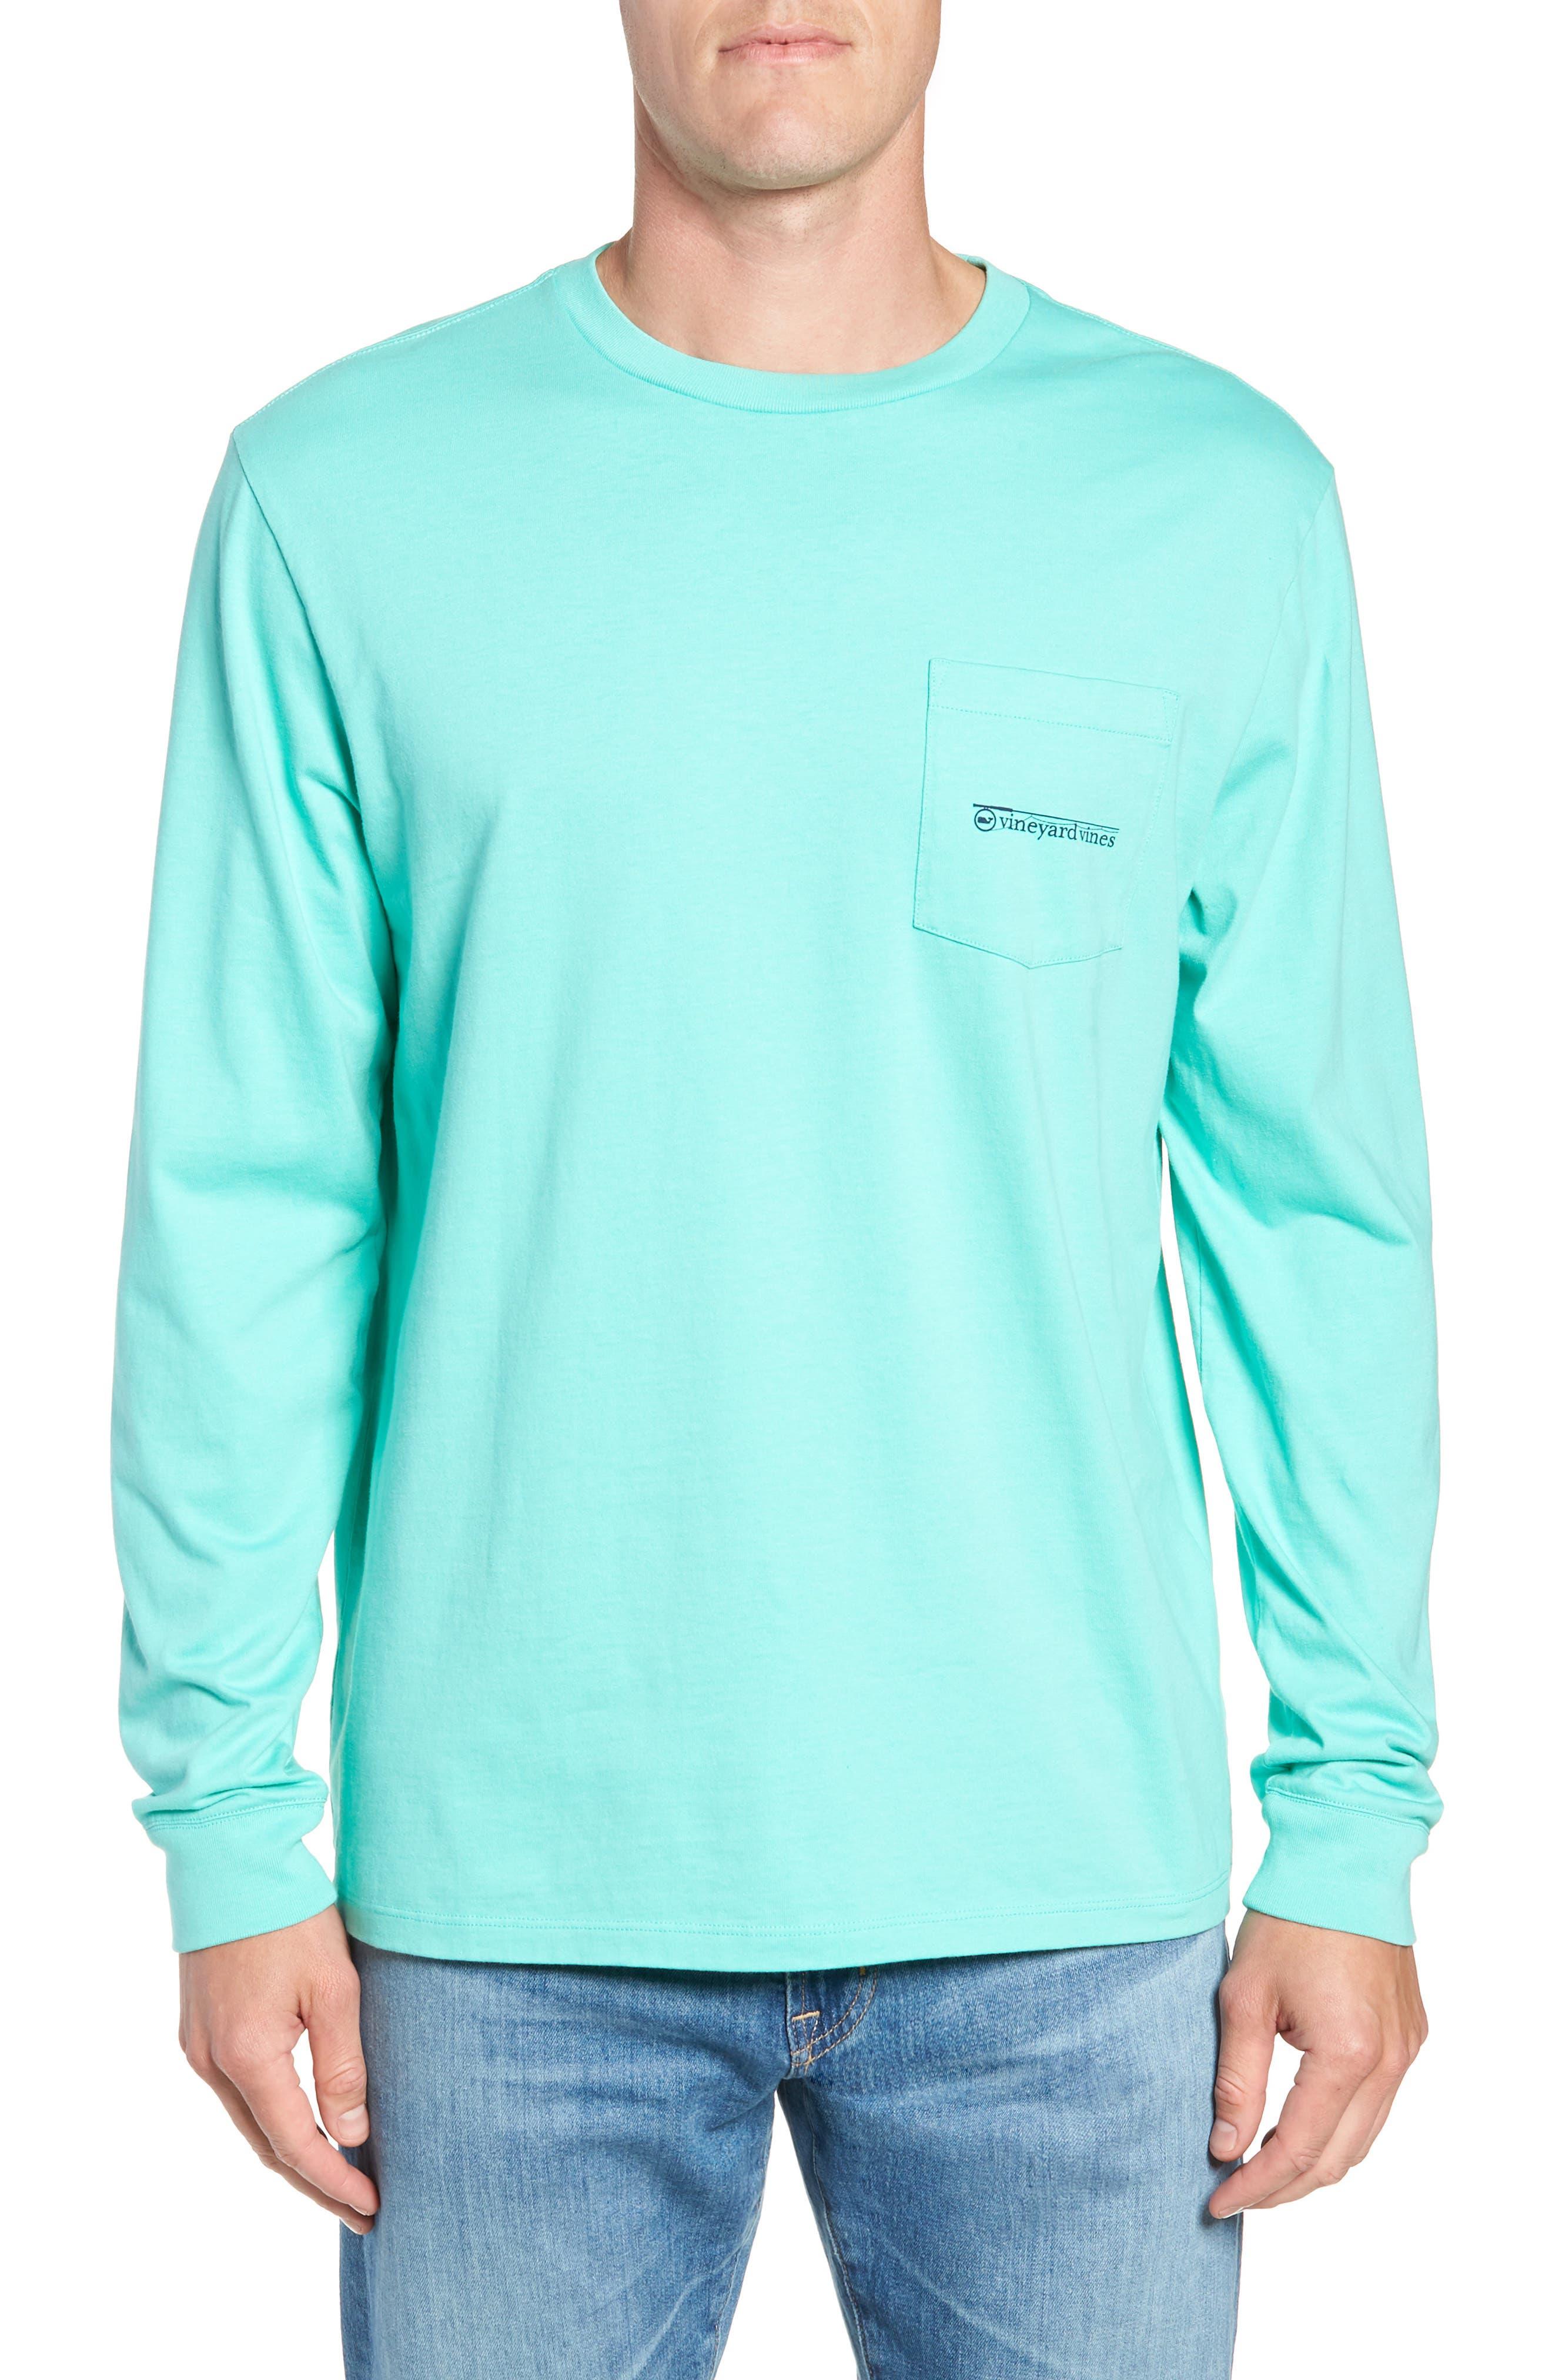 Fishing Rod Pocket T-Shirt,                             Main thumbnail 1, color,                             CAPRI BLUE